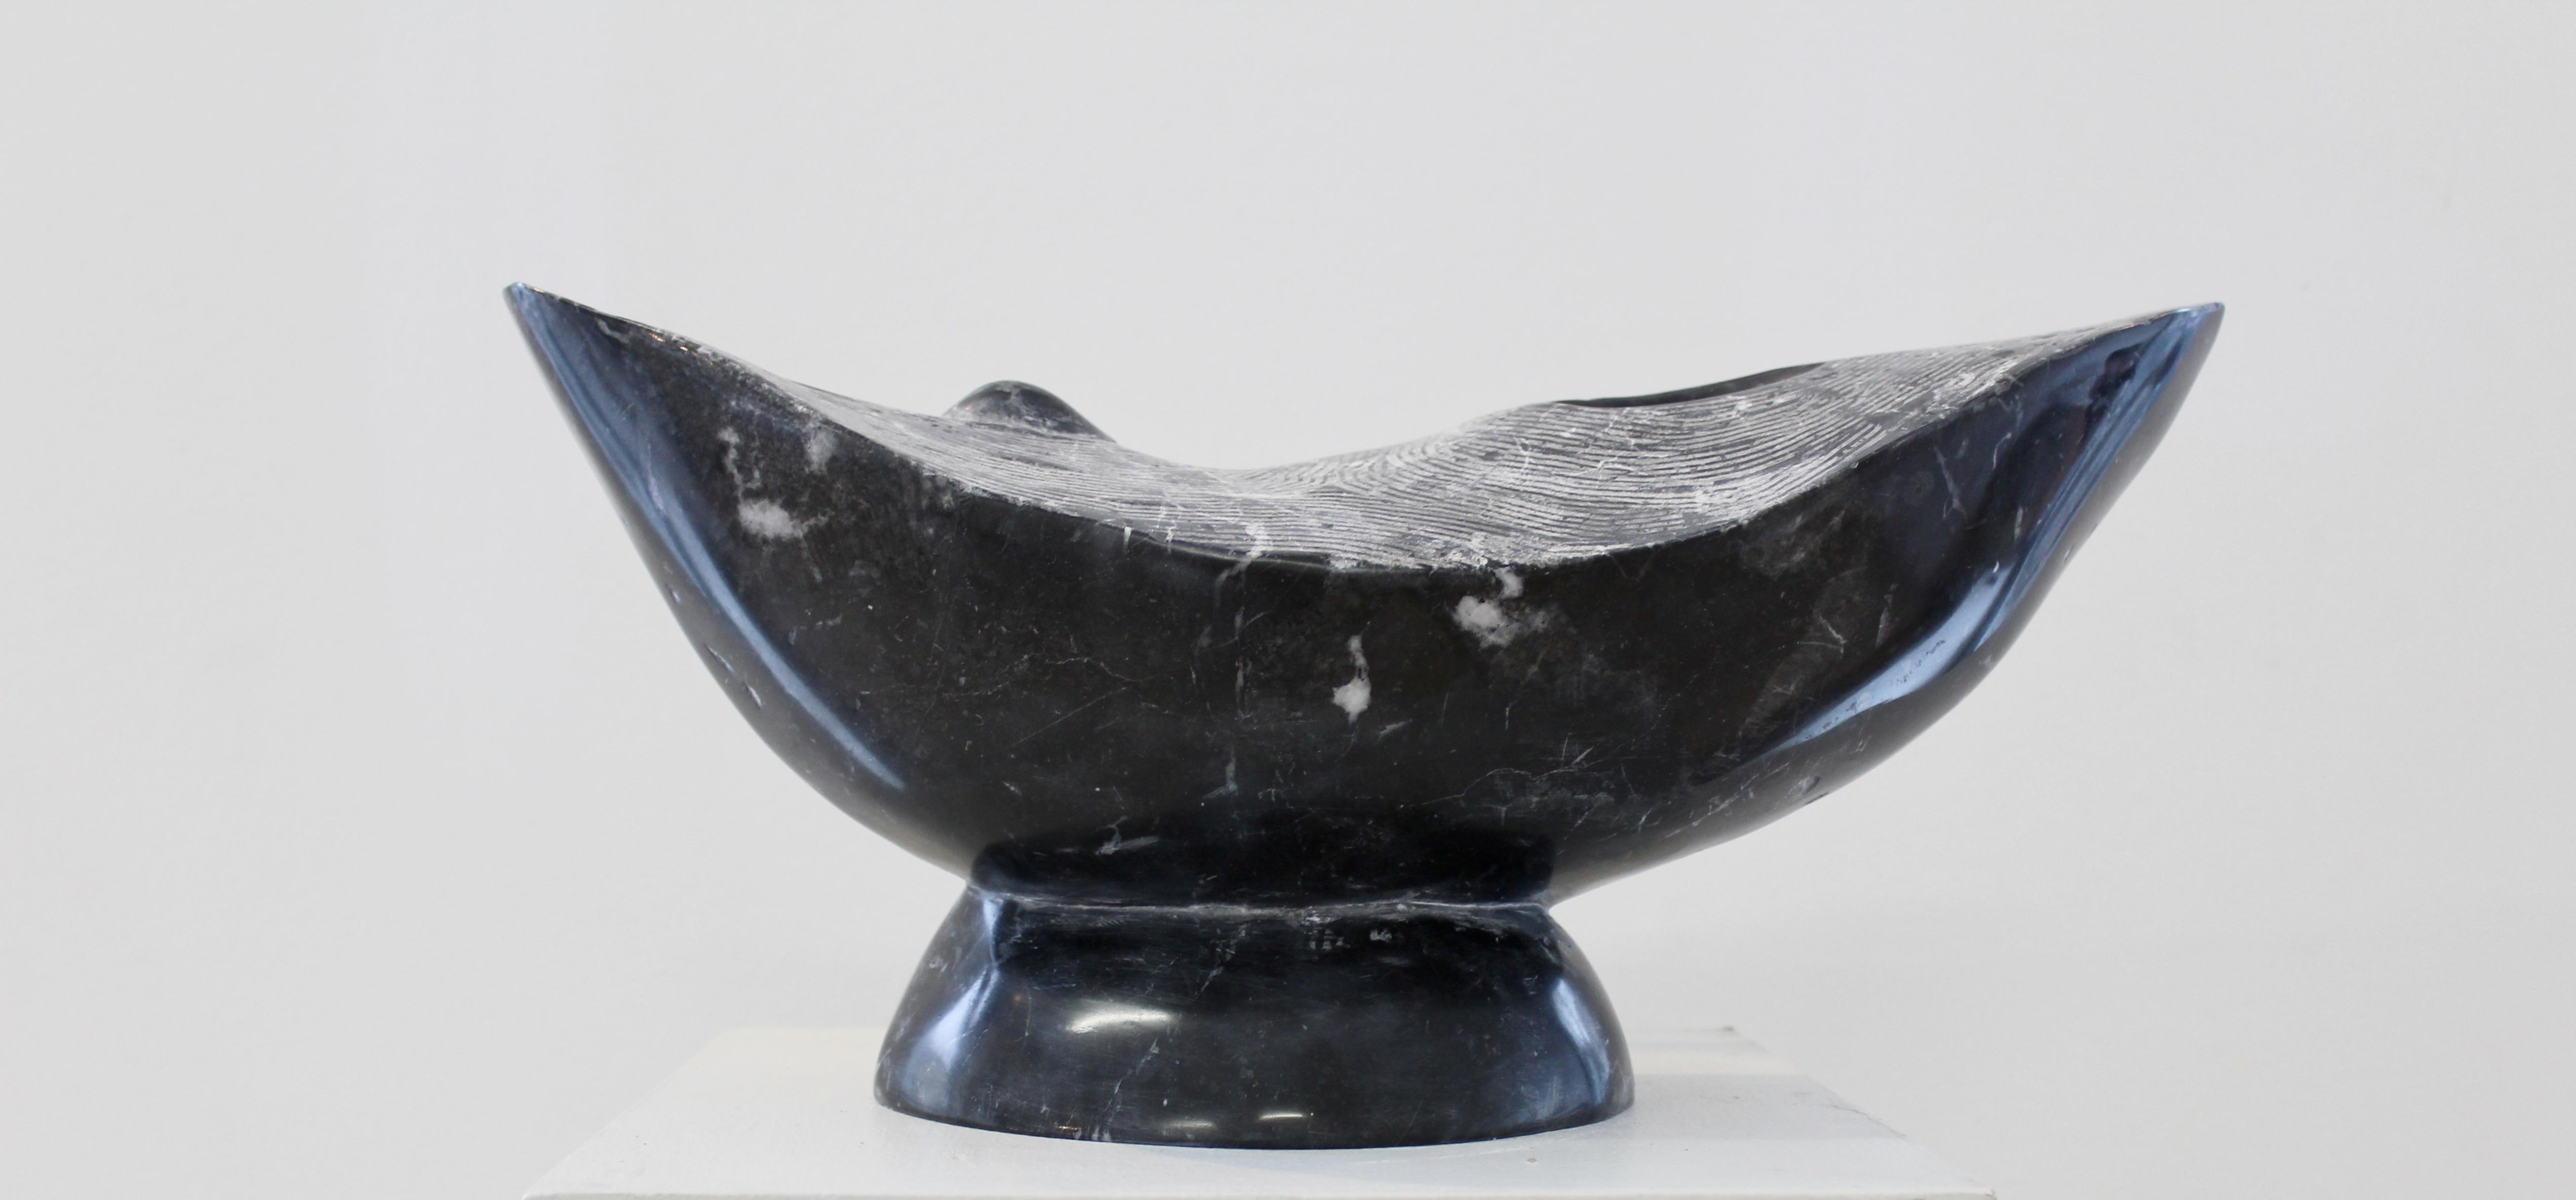 exhibiton, art, hong kong art exhibition, art collector, hong kong art fair, hong kong art central, Marble sculpture, black marble, sculpture